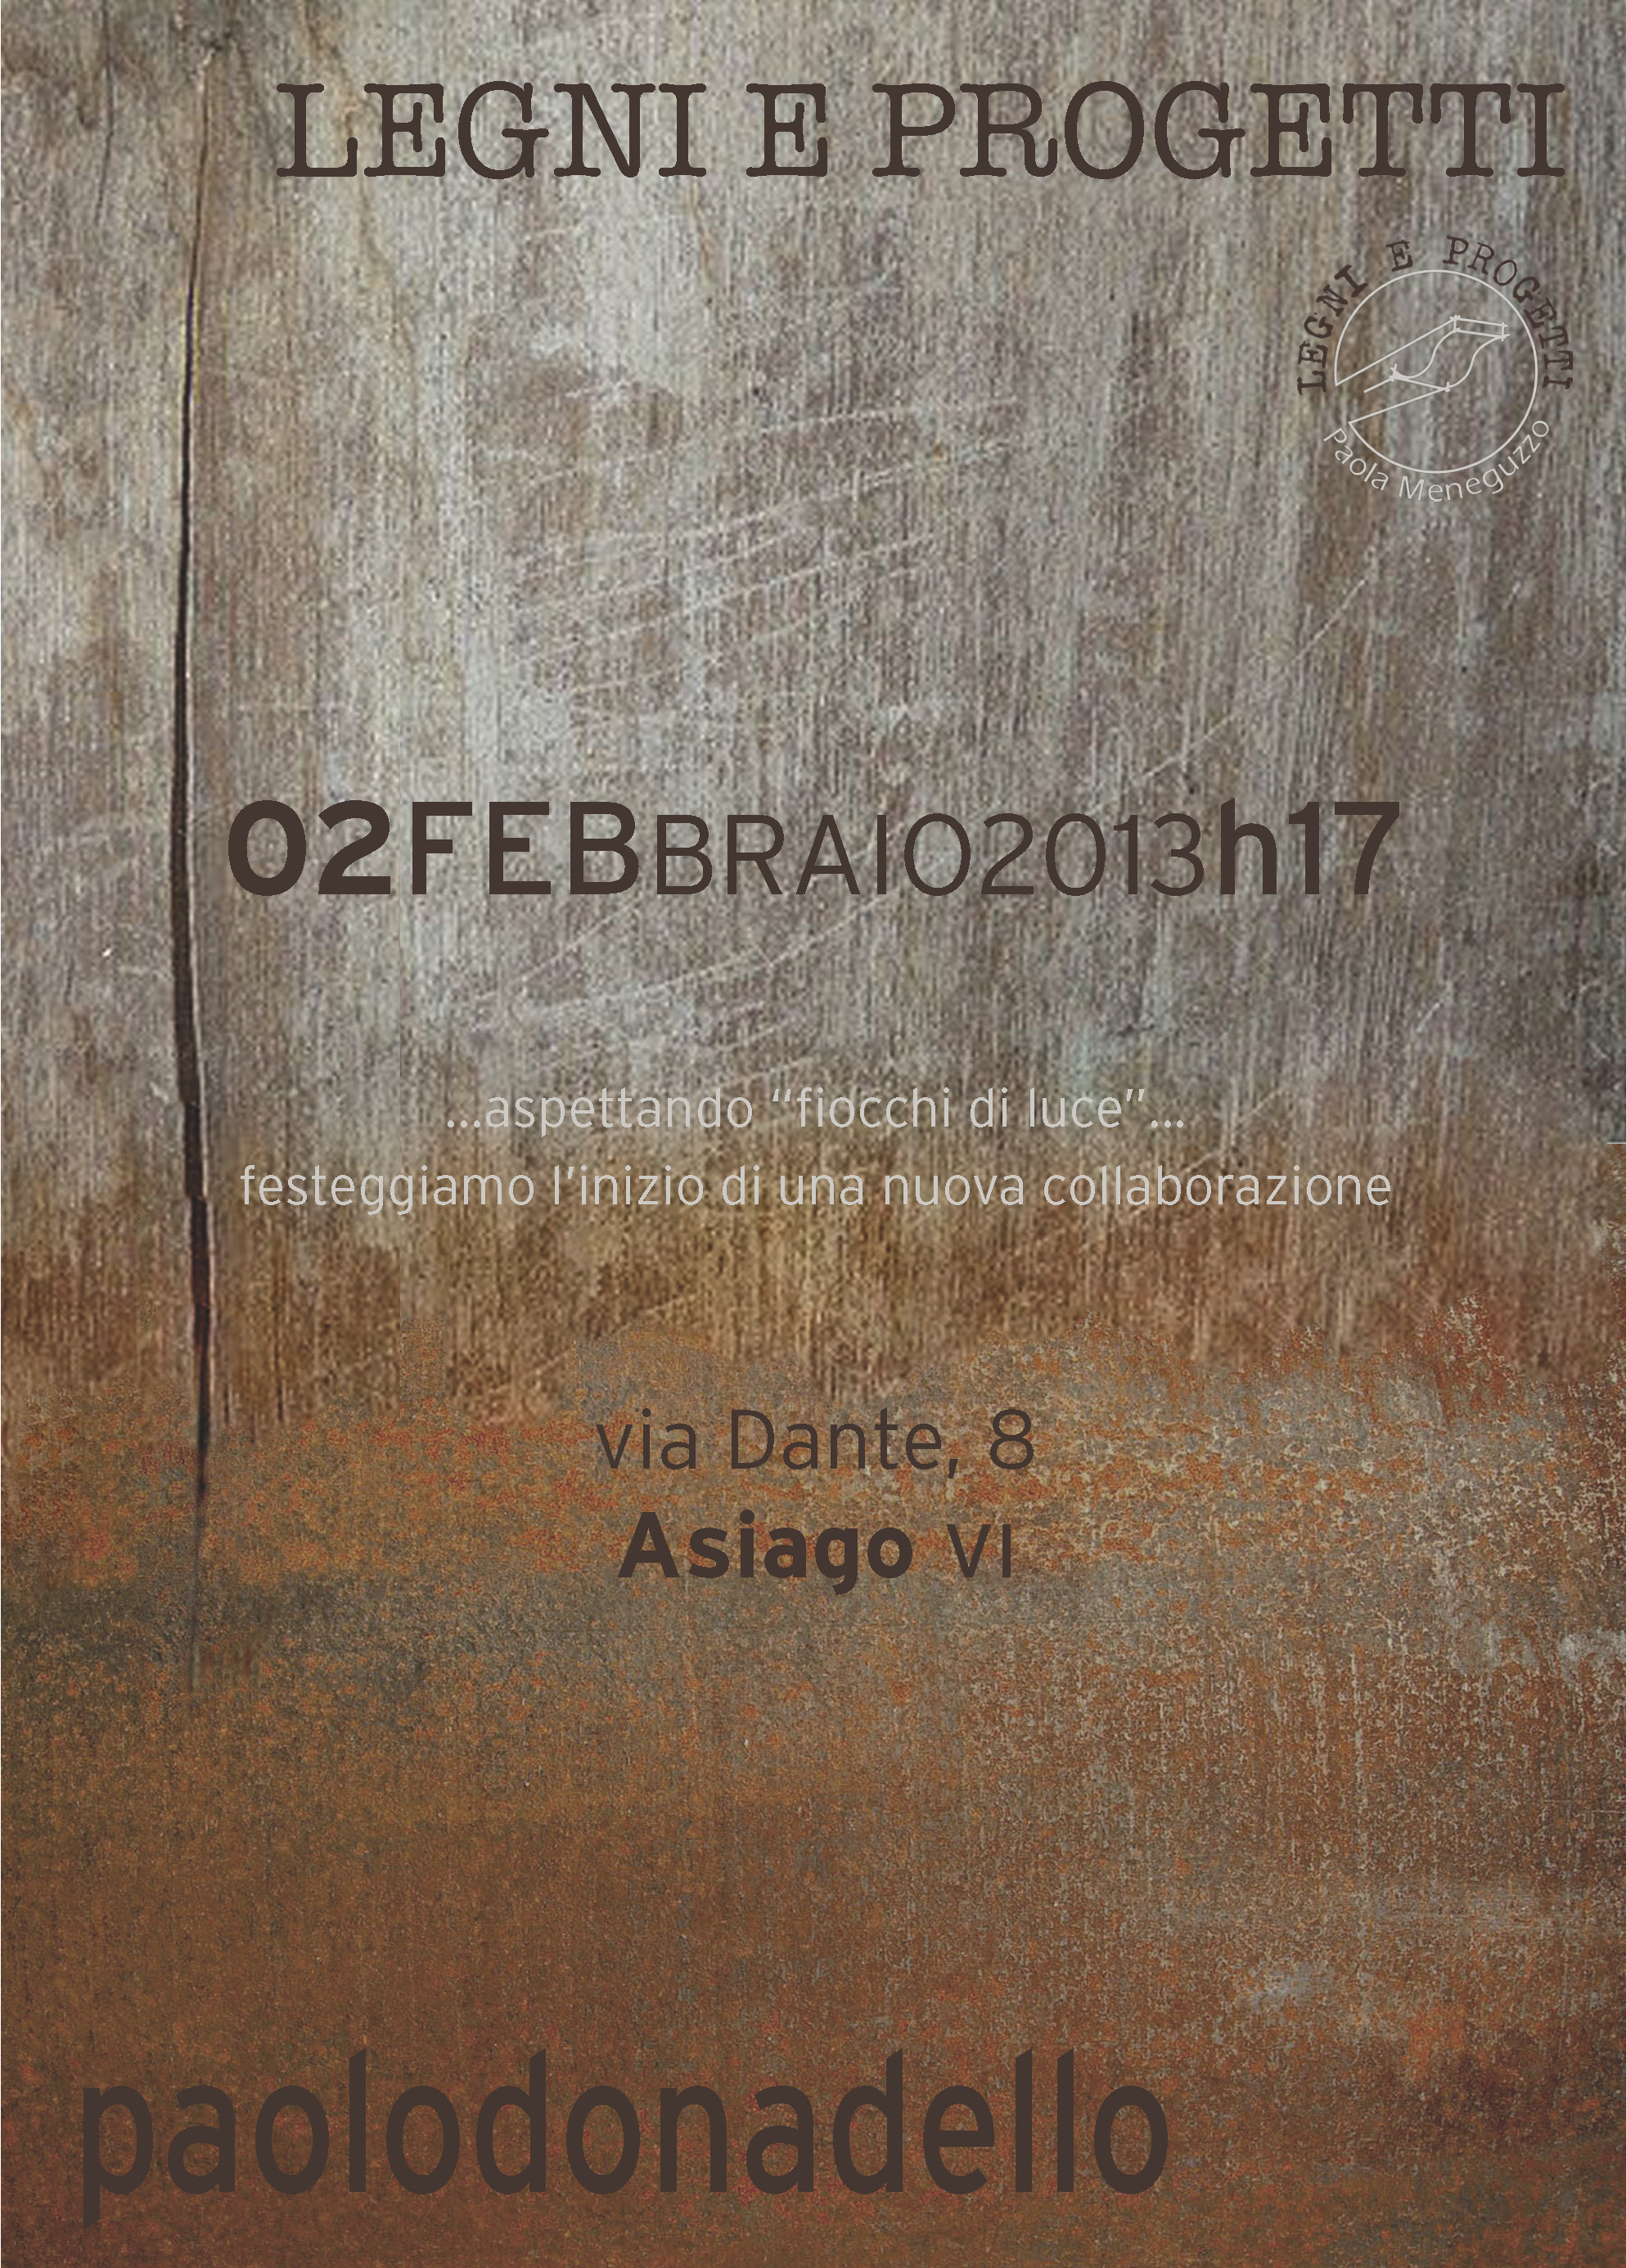 legni e progetti - Asiago - invito